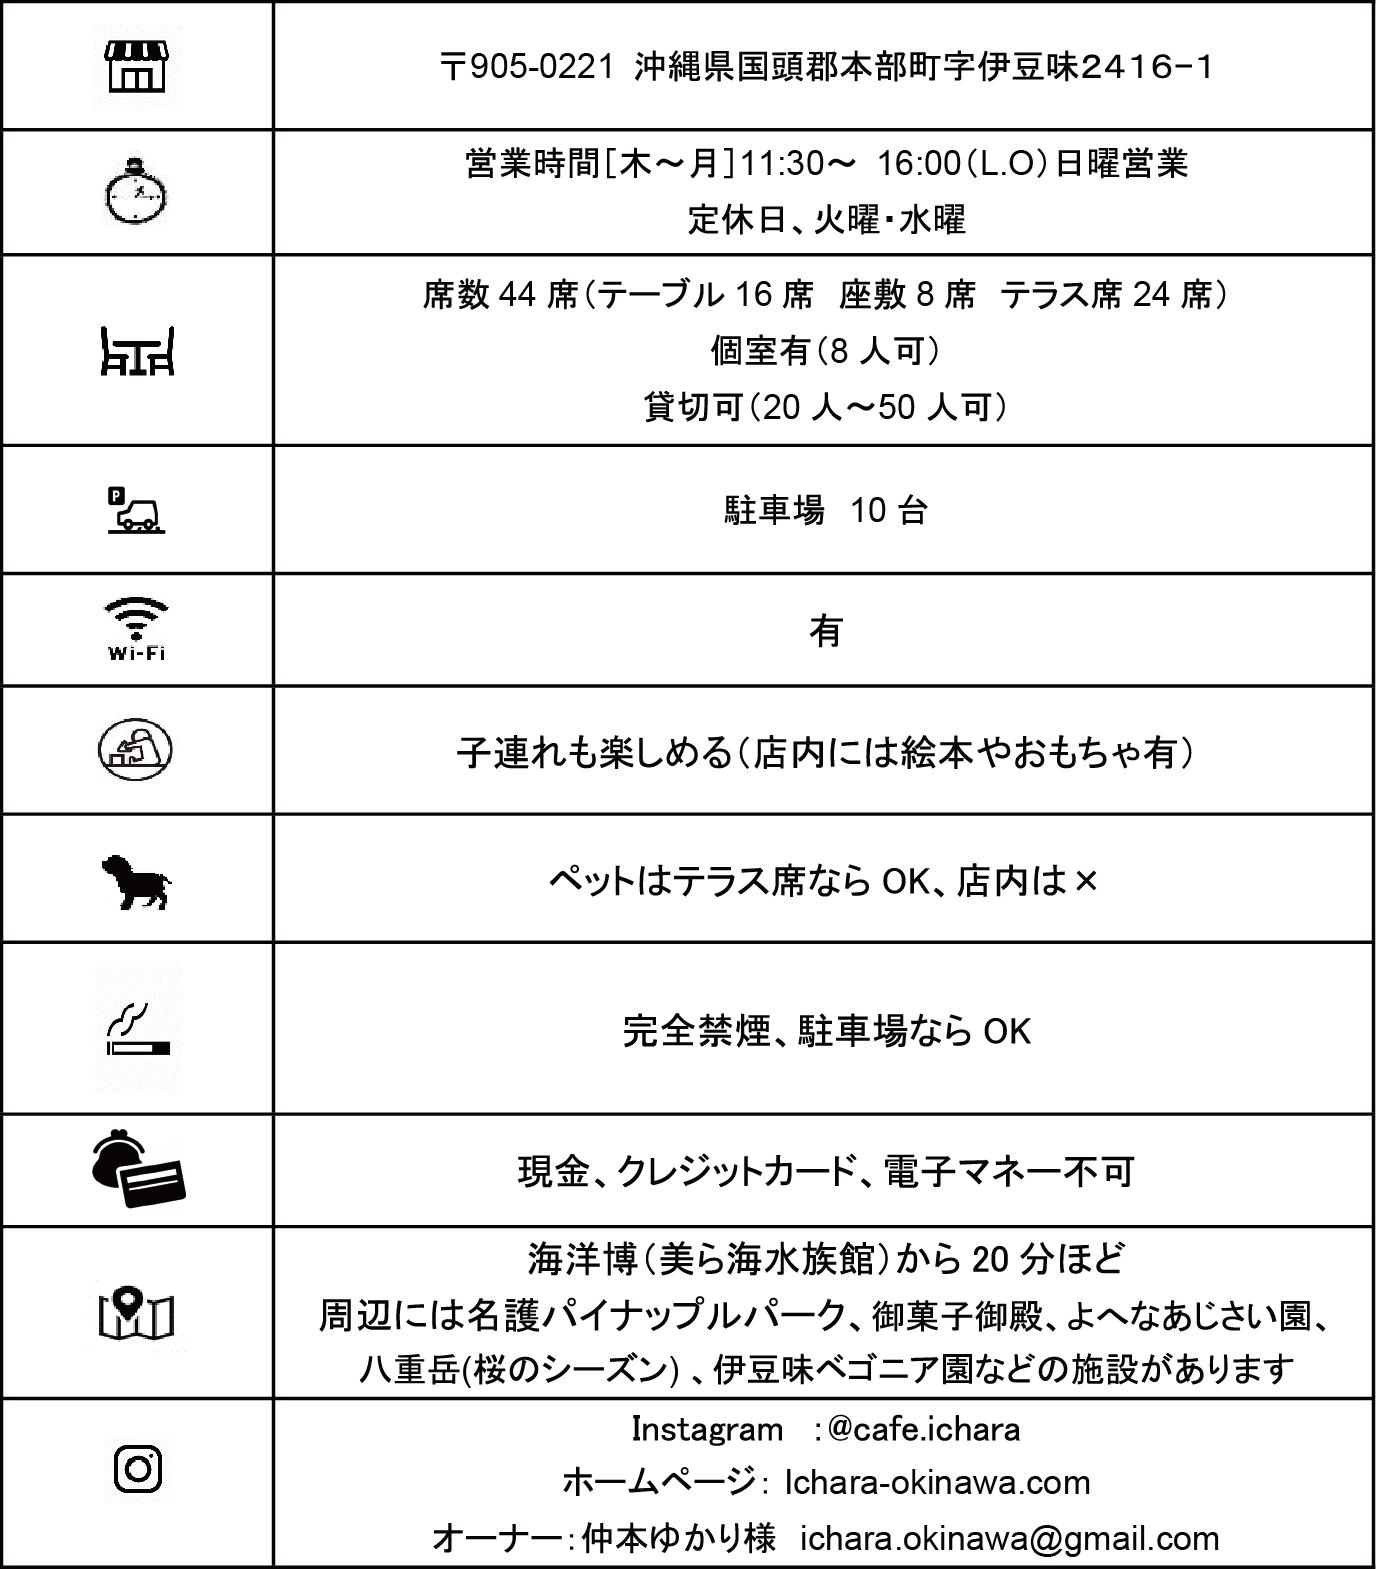 沖縄県本部町のカフェ「Cafe ichara (カフェイチャラ )」の基本情報